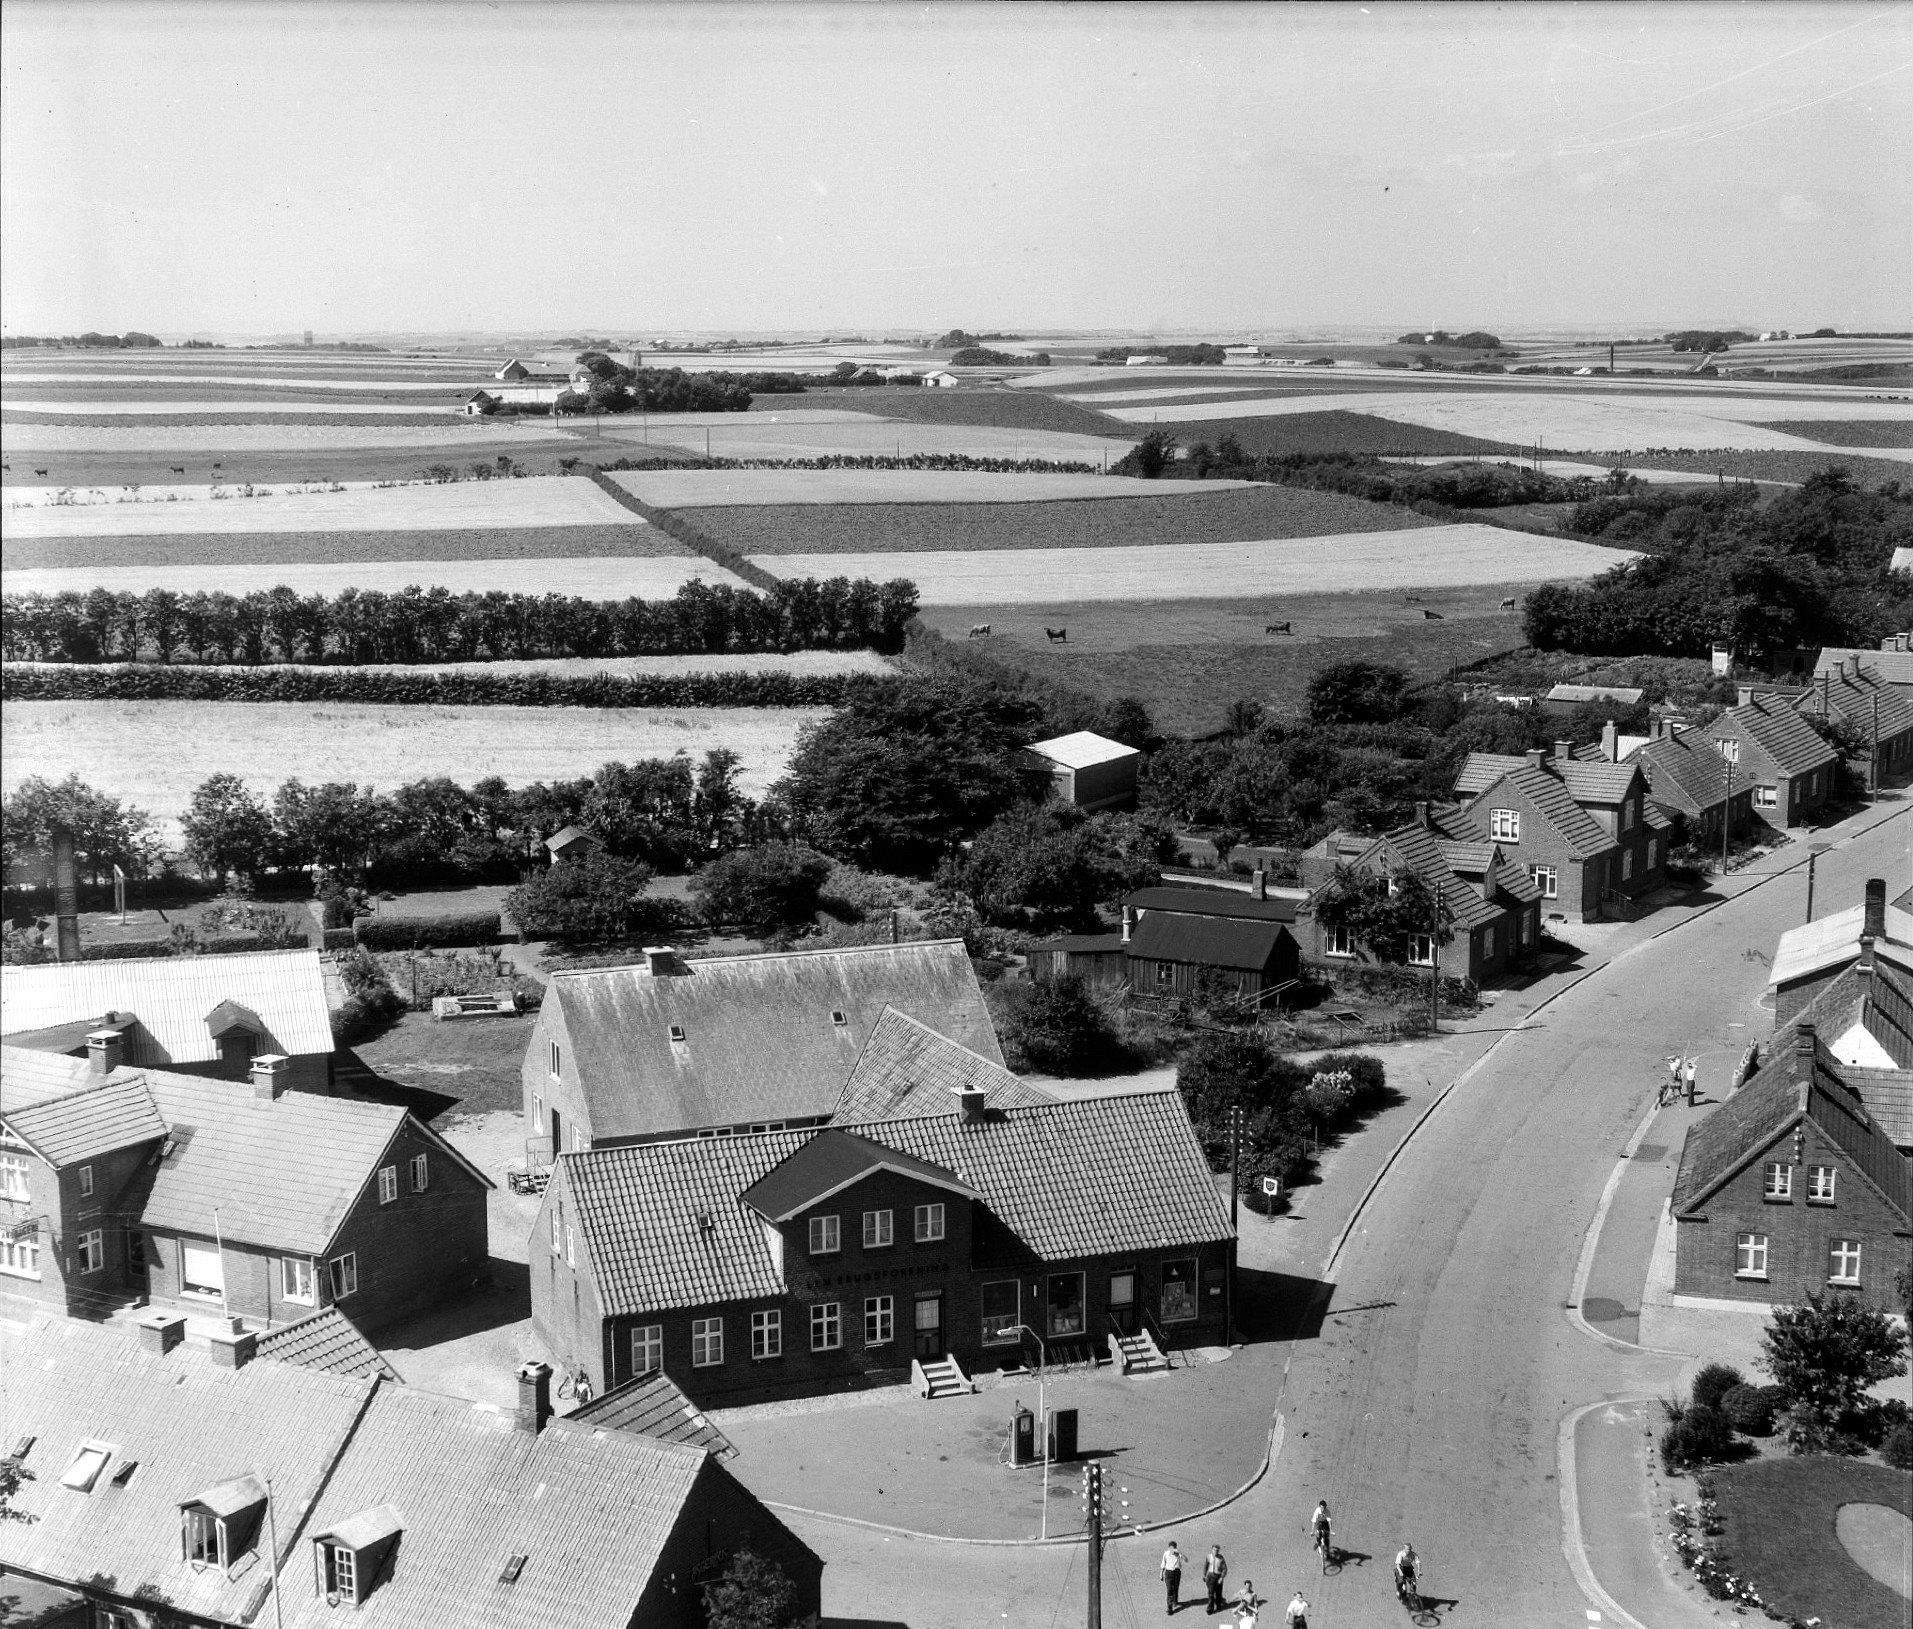 Brugsen 1957